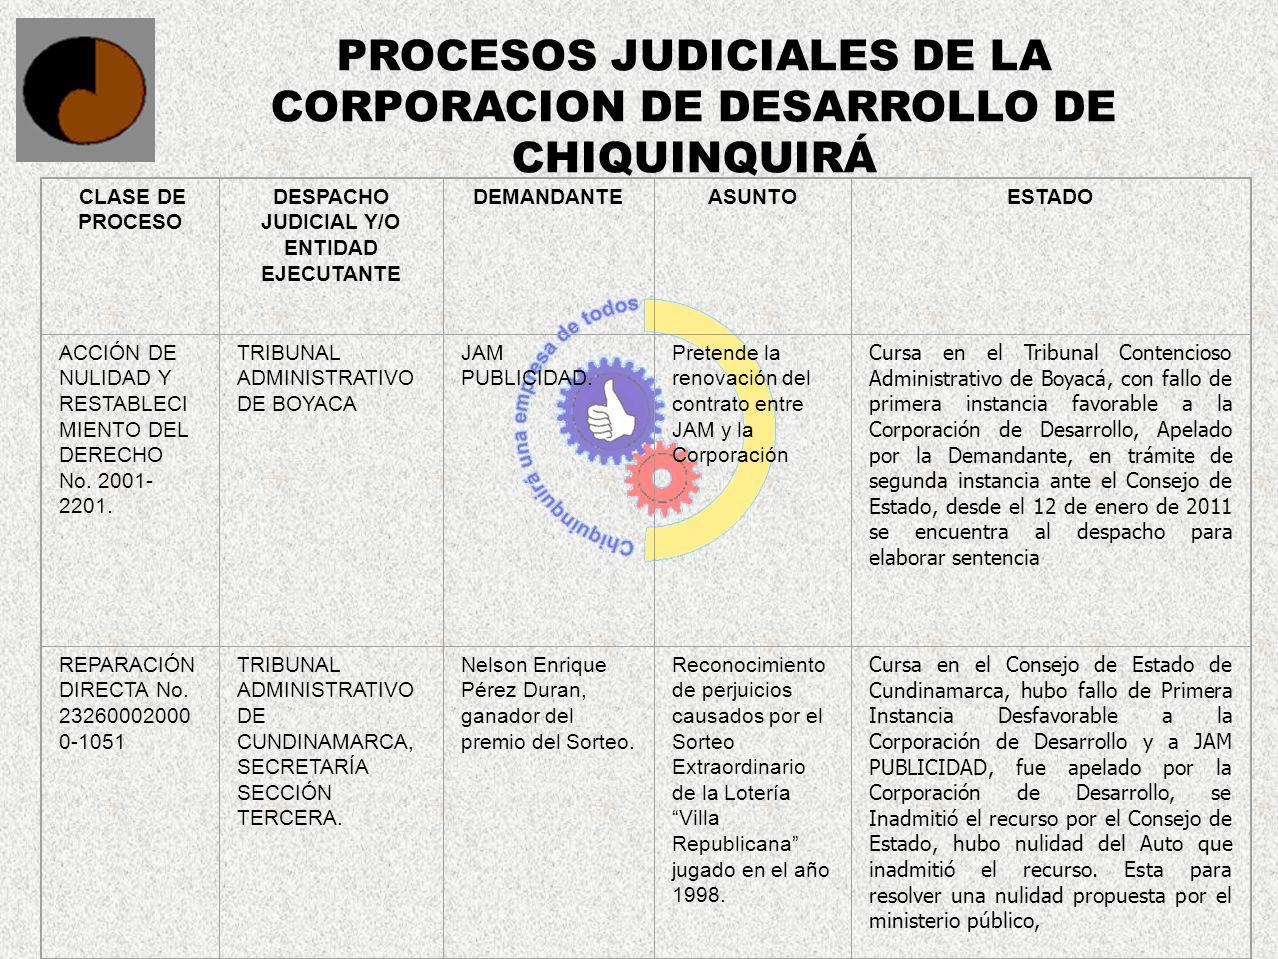 PROCESOS JUDICIALES DE LA CORPORACION DE DESARROLLO DE CHIQUINQUIRÁ